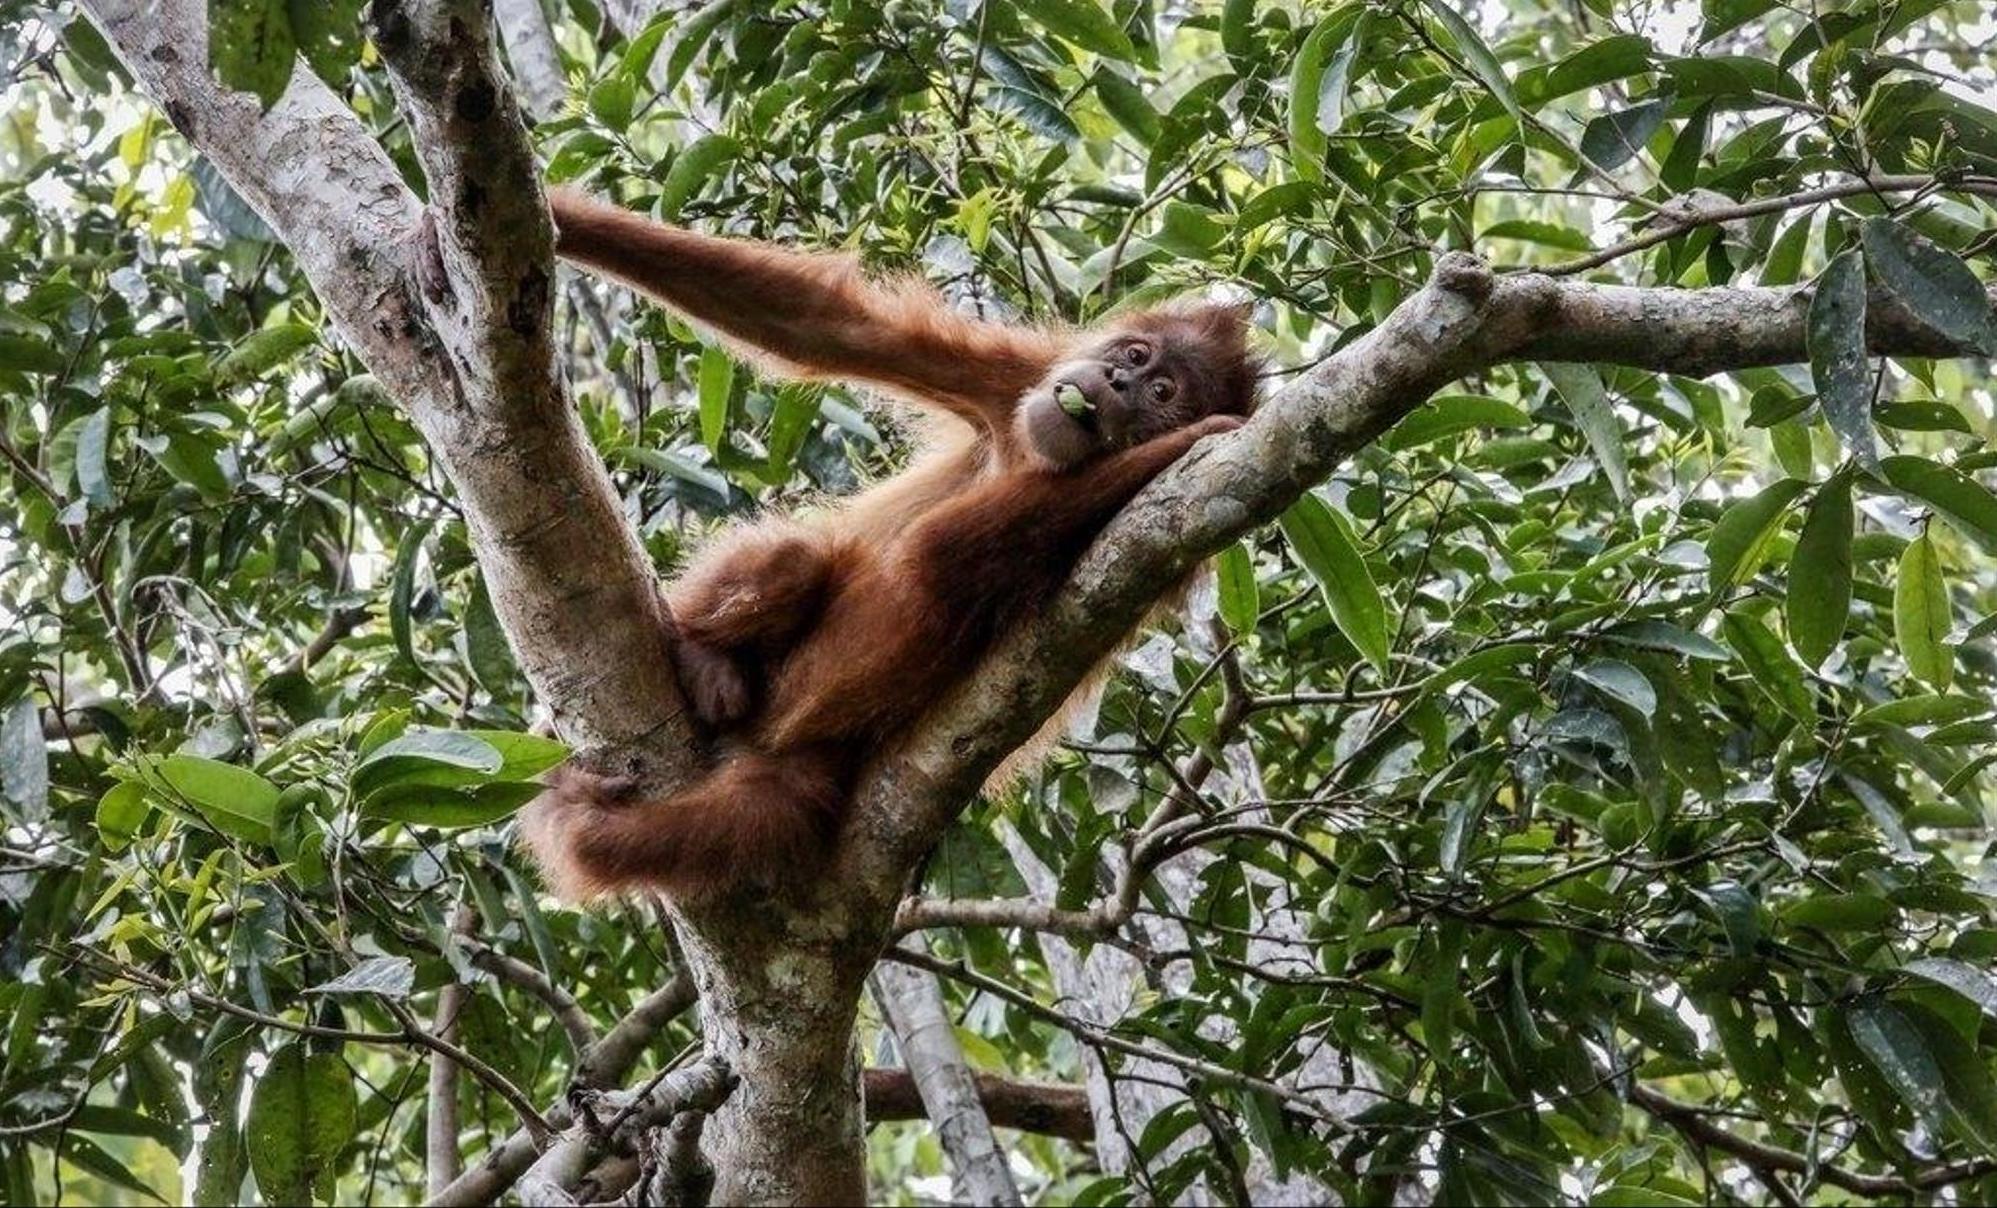 Wenn Tropenwälder gerodet und in Palmöl-Plantagen umgewandelt werden, wird der Lebensraum tausender Tier- und Pflanzenarten vernichtet. Dieser Orang-Utan hatte Glück in eine Auffangstation zu kommen. epa/Hotli Simanjuntak